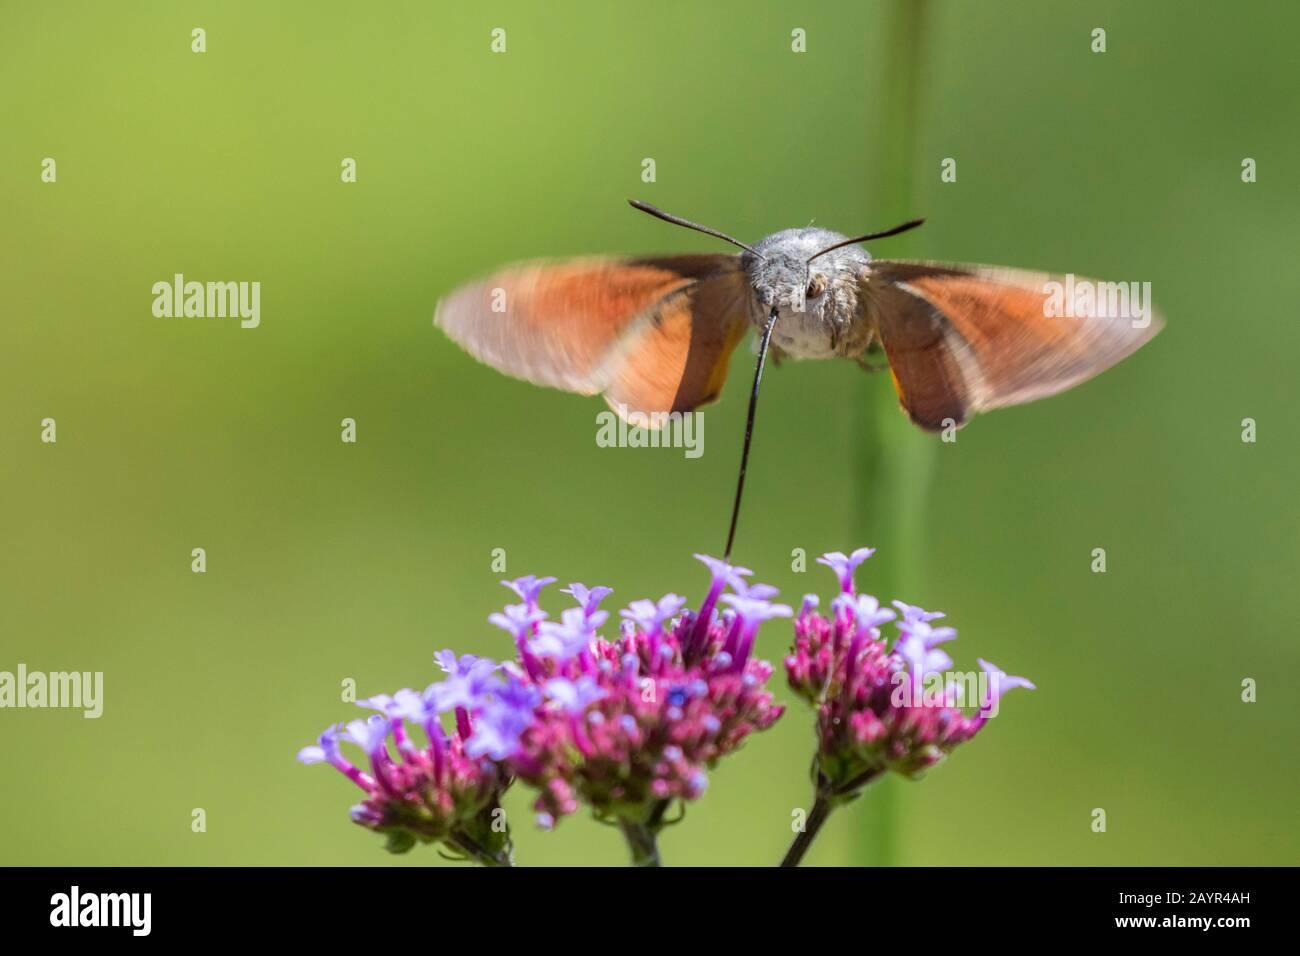 La polilla de colibrí (Macroglossum stellatarum), que pasa sobre una flor y chupa néctar, Alemania, Baviera, Niederbayern, Baja Baviera Foto de stock